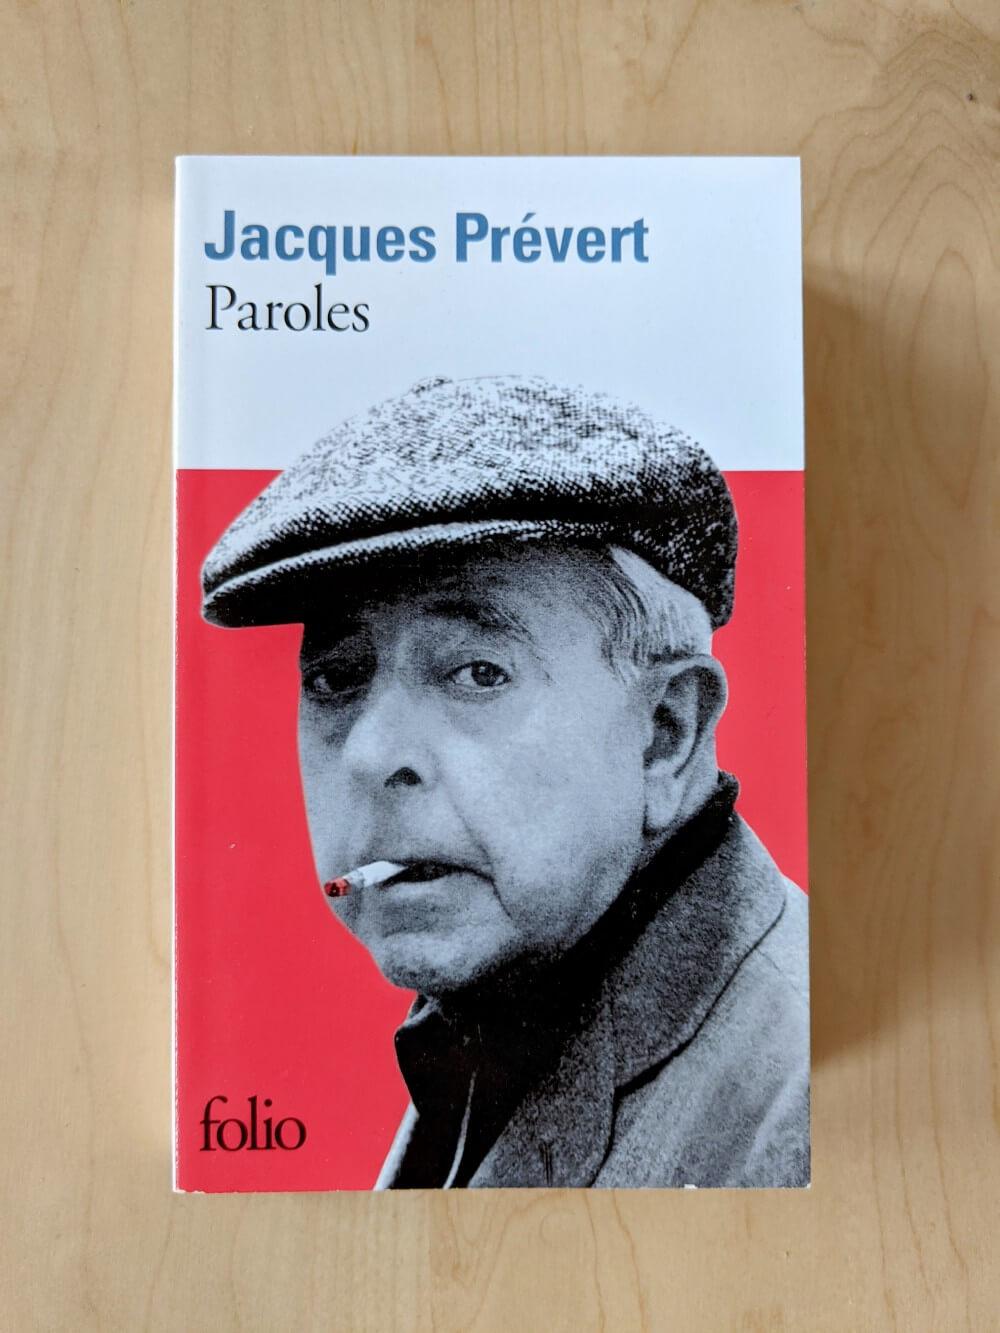 Jacques_Prevert_Paroles